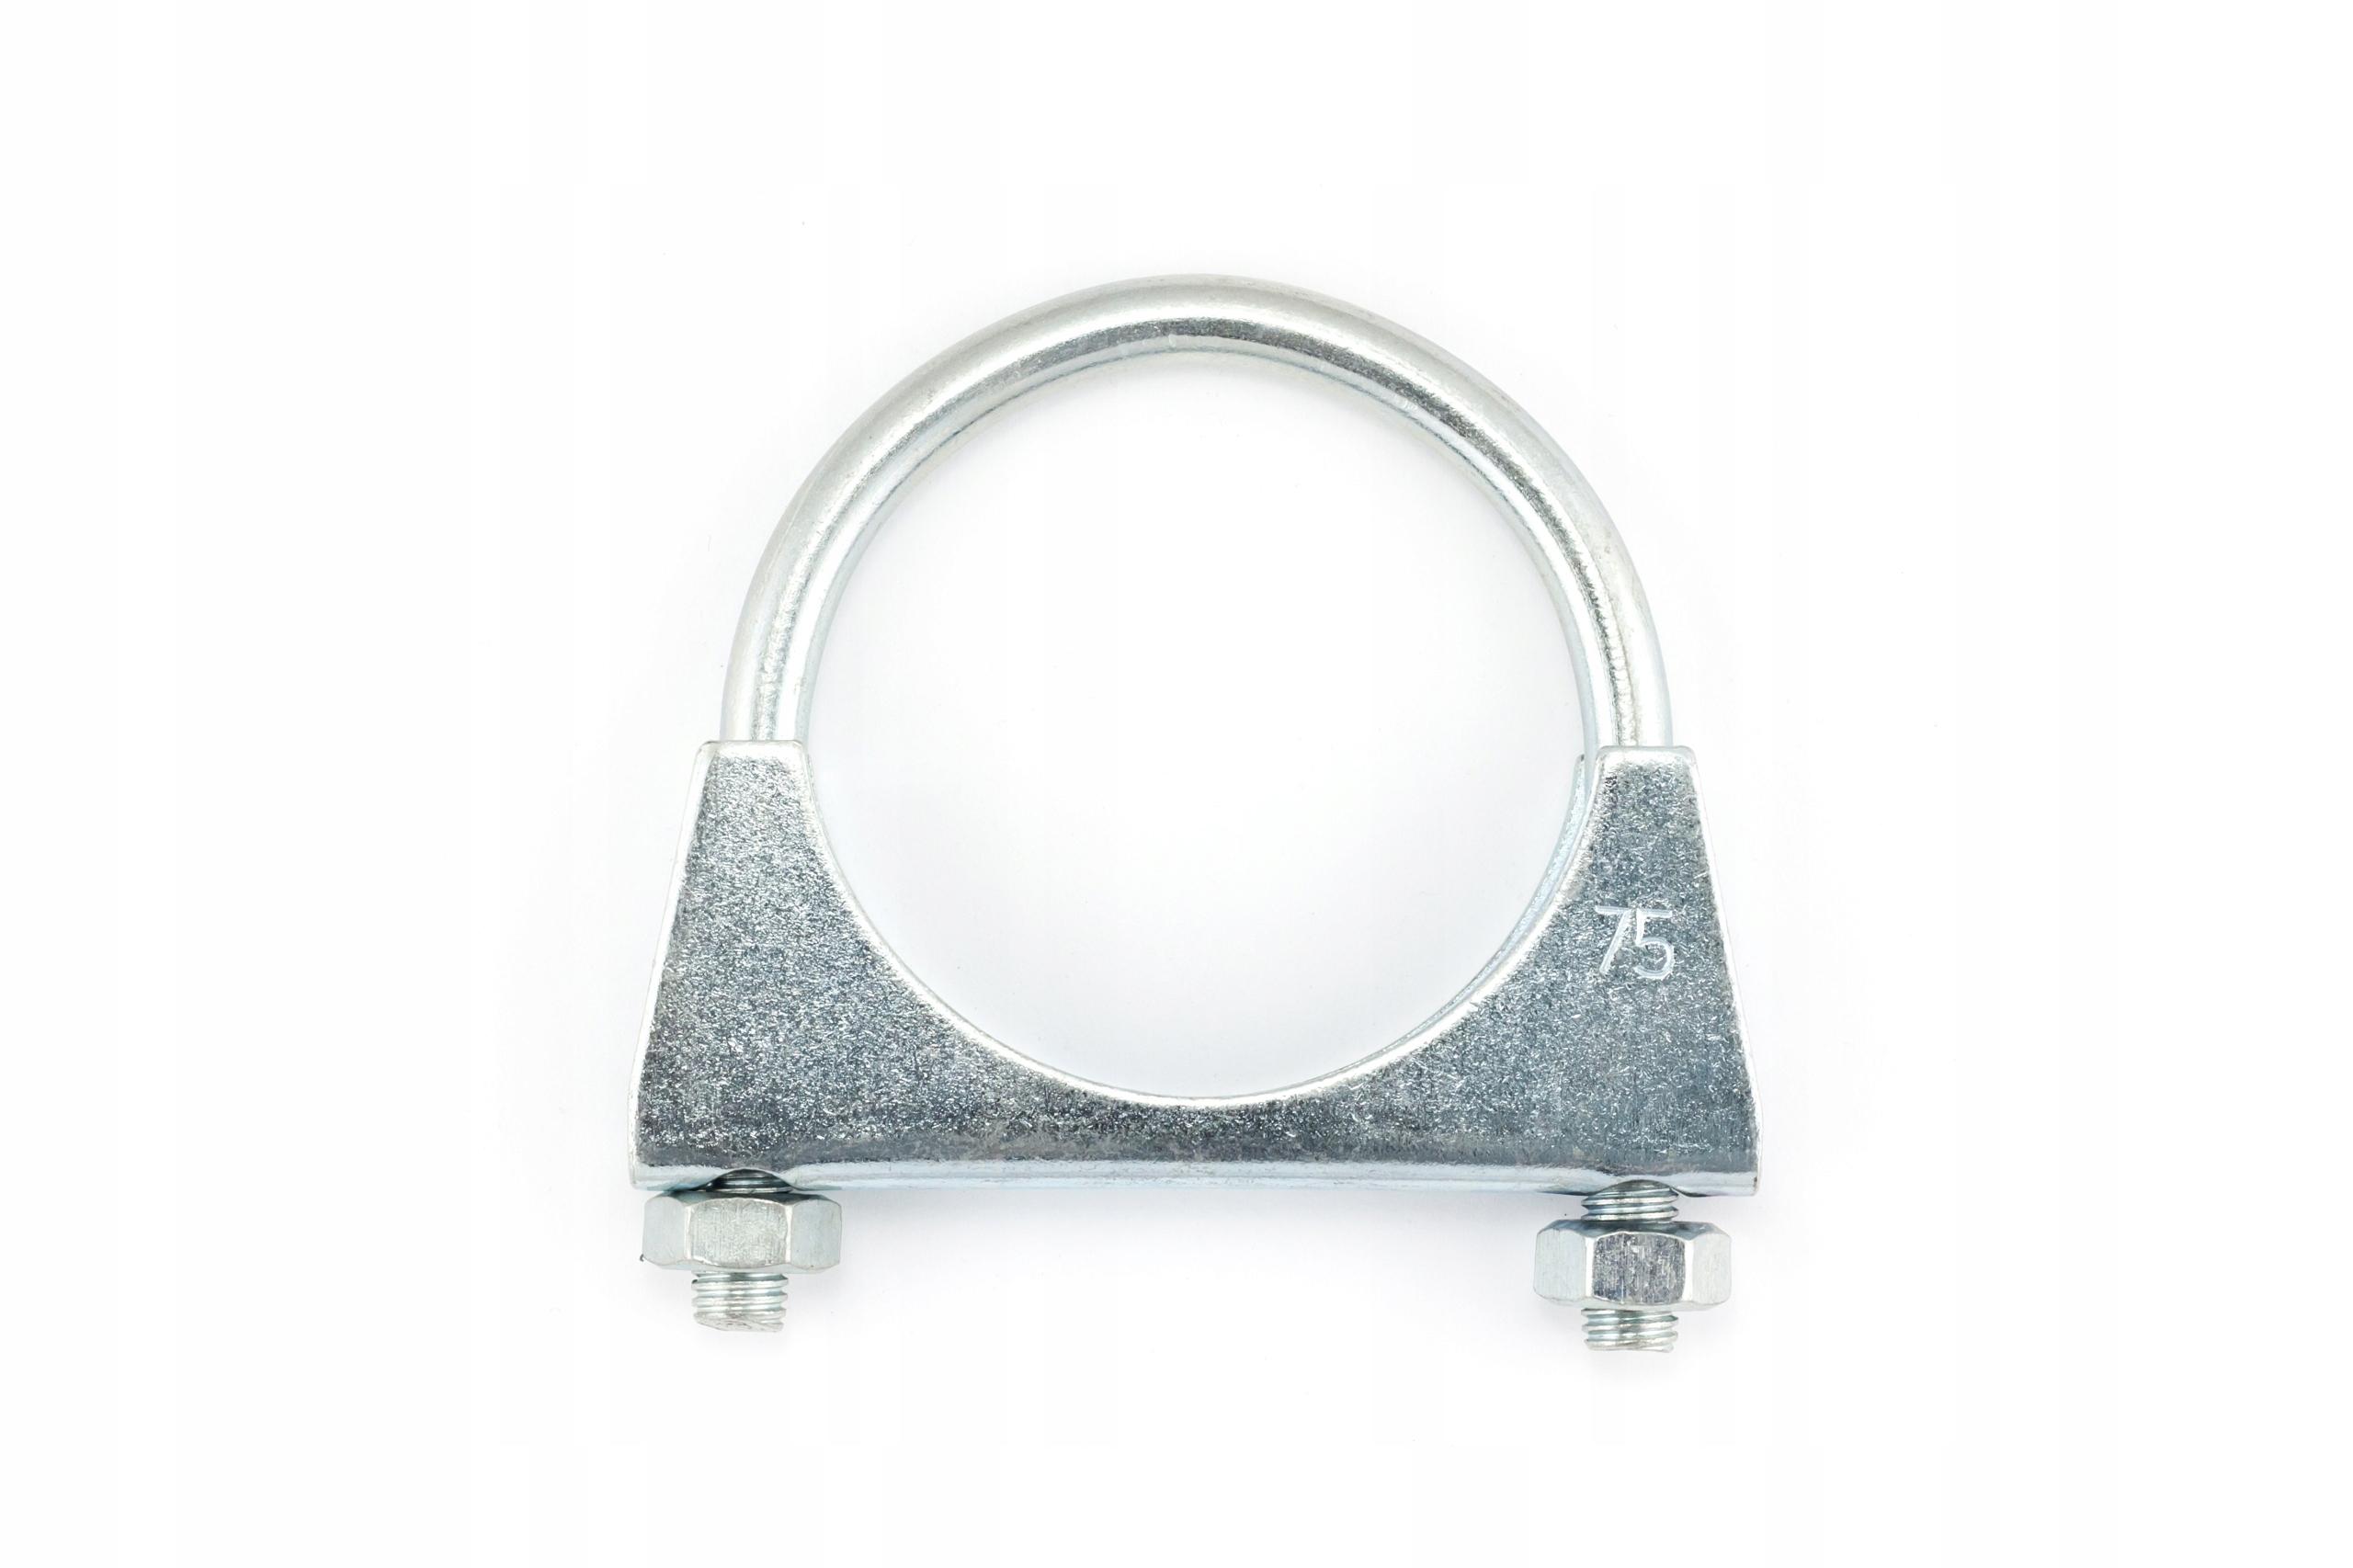 зажим повязка глушителя выдохе m10x75 мм fi 75 мм